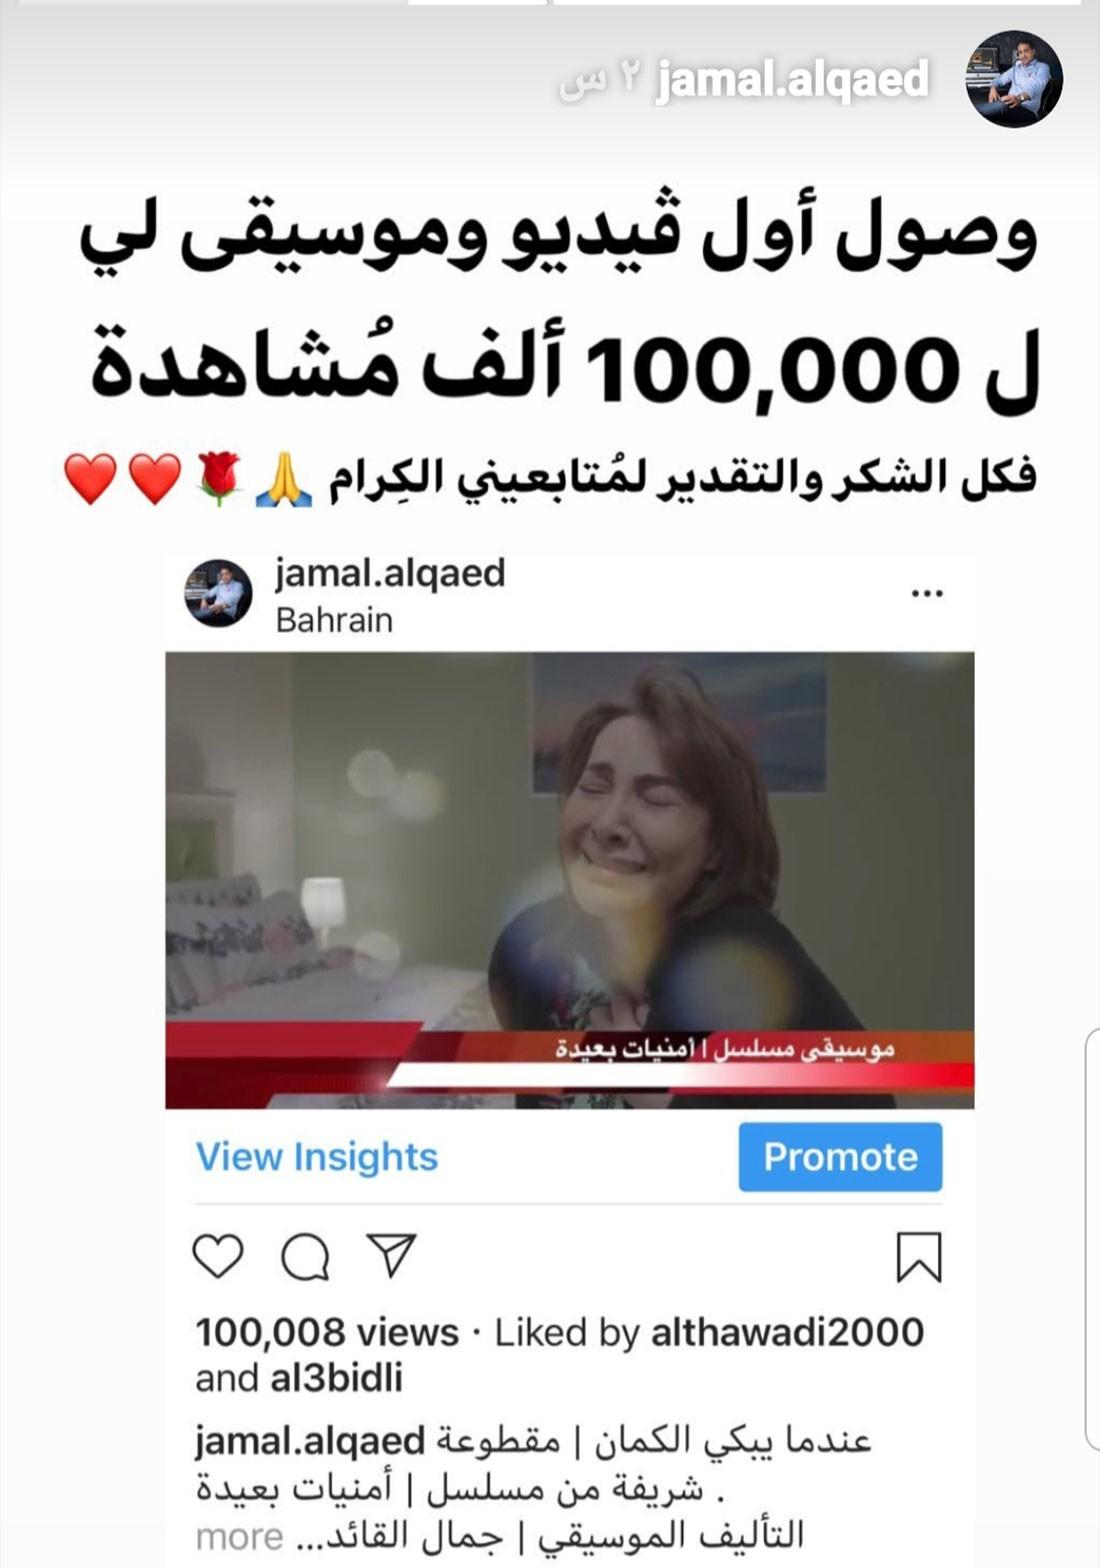 100,000 مشاهد لأعمال جمال القائد